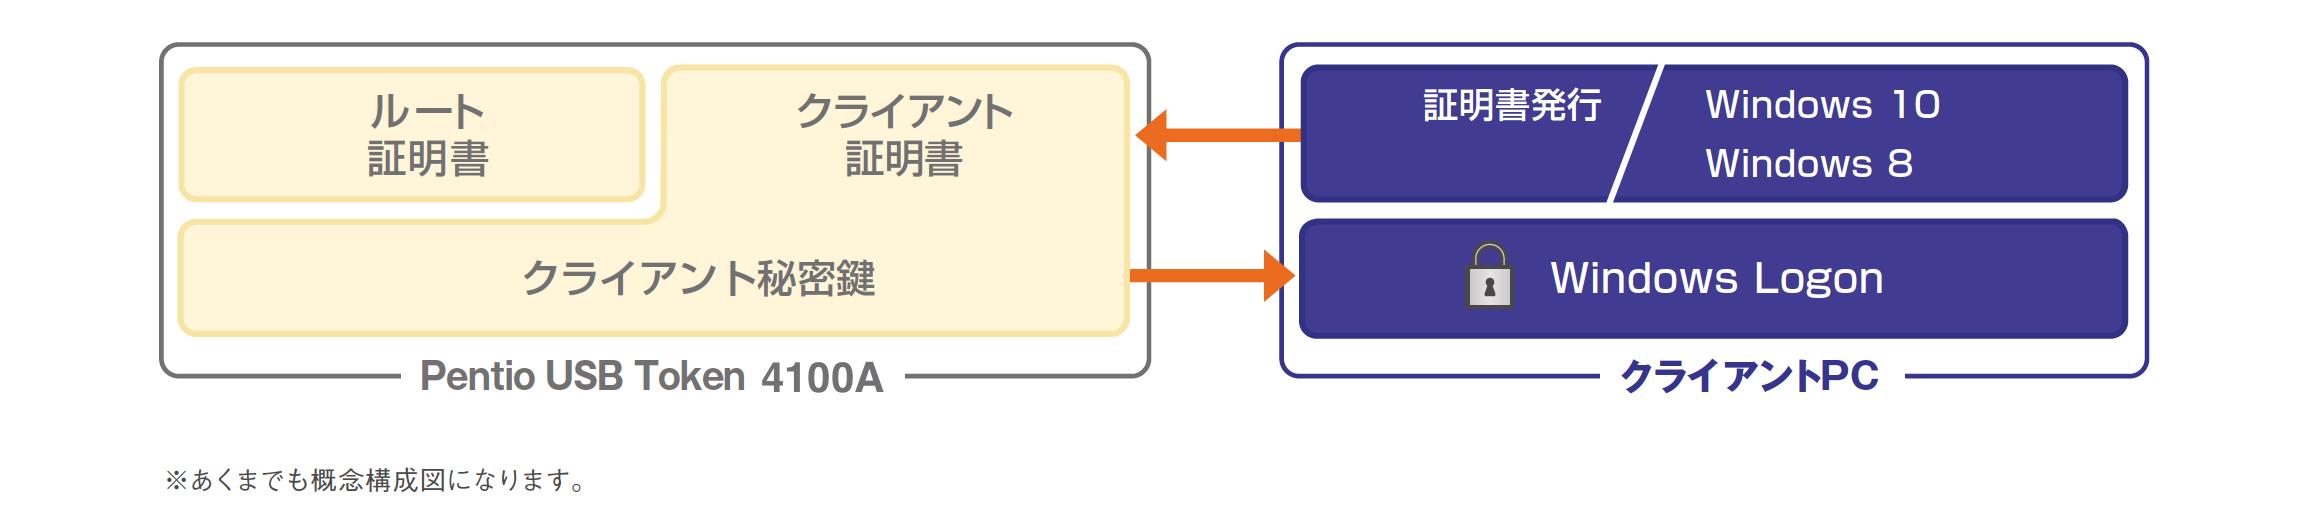 化 ハードディスク 暗号